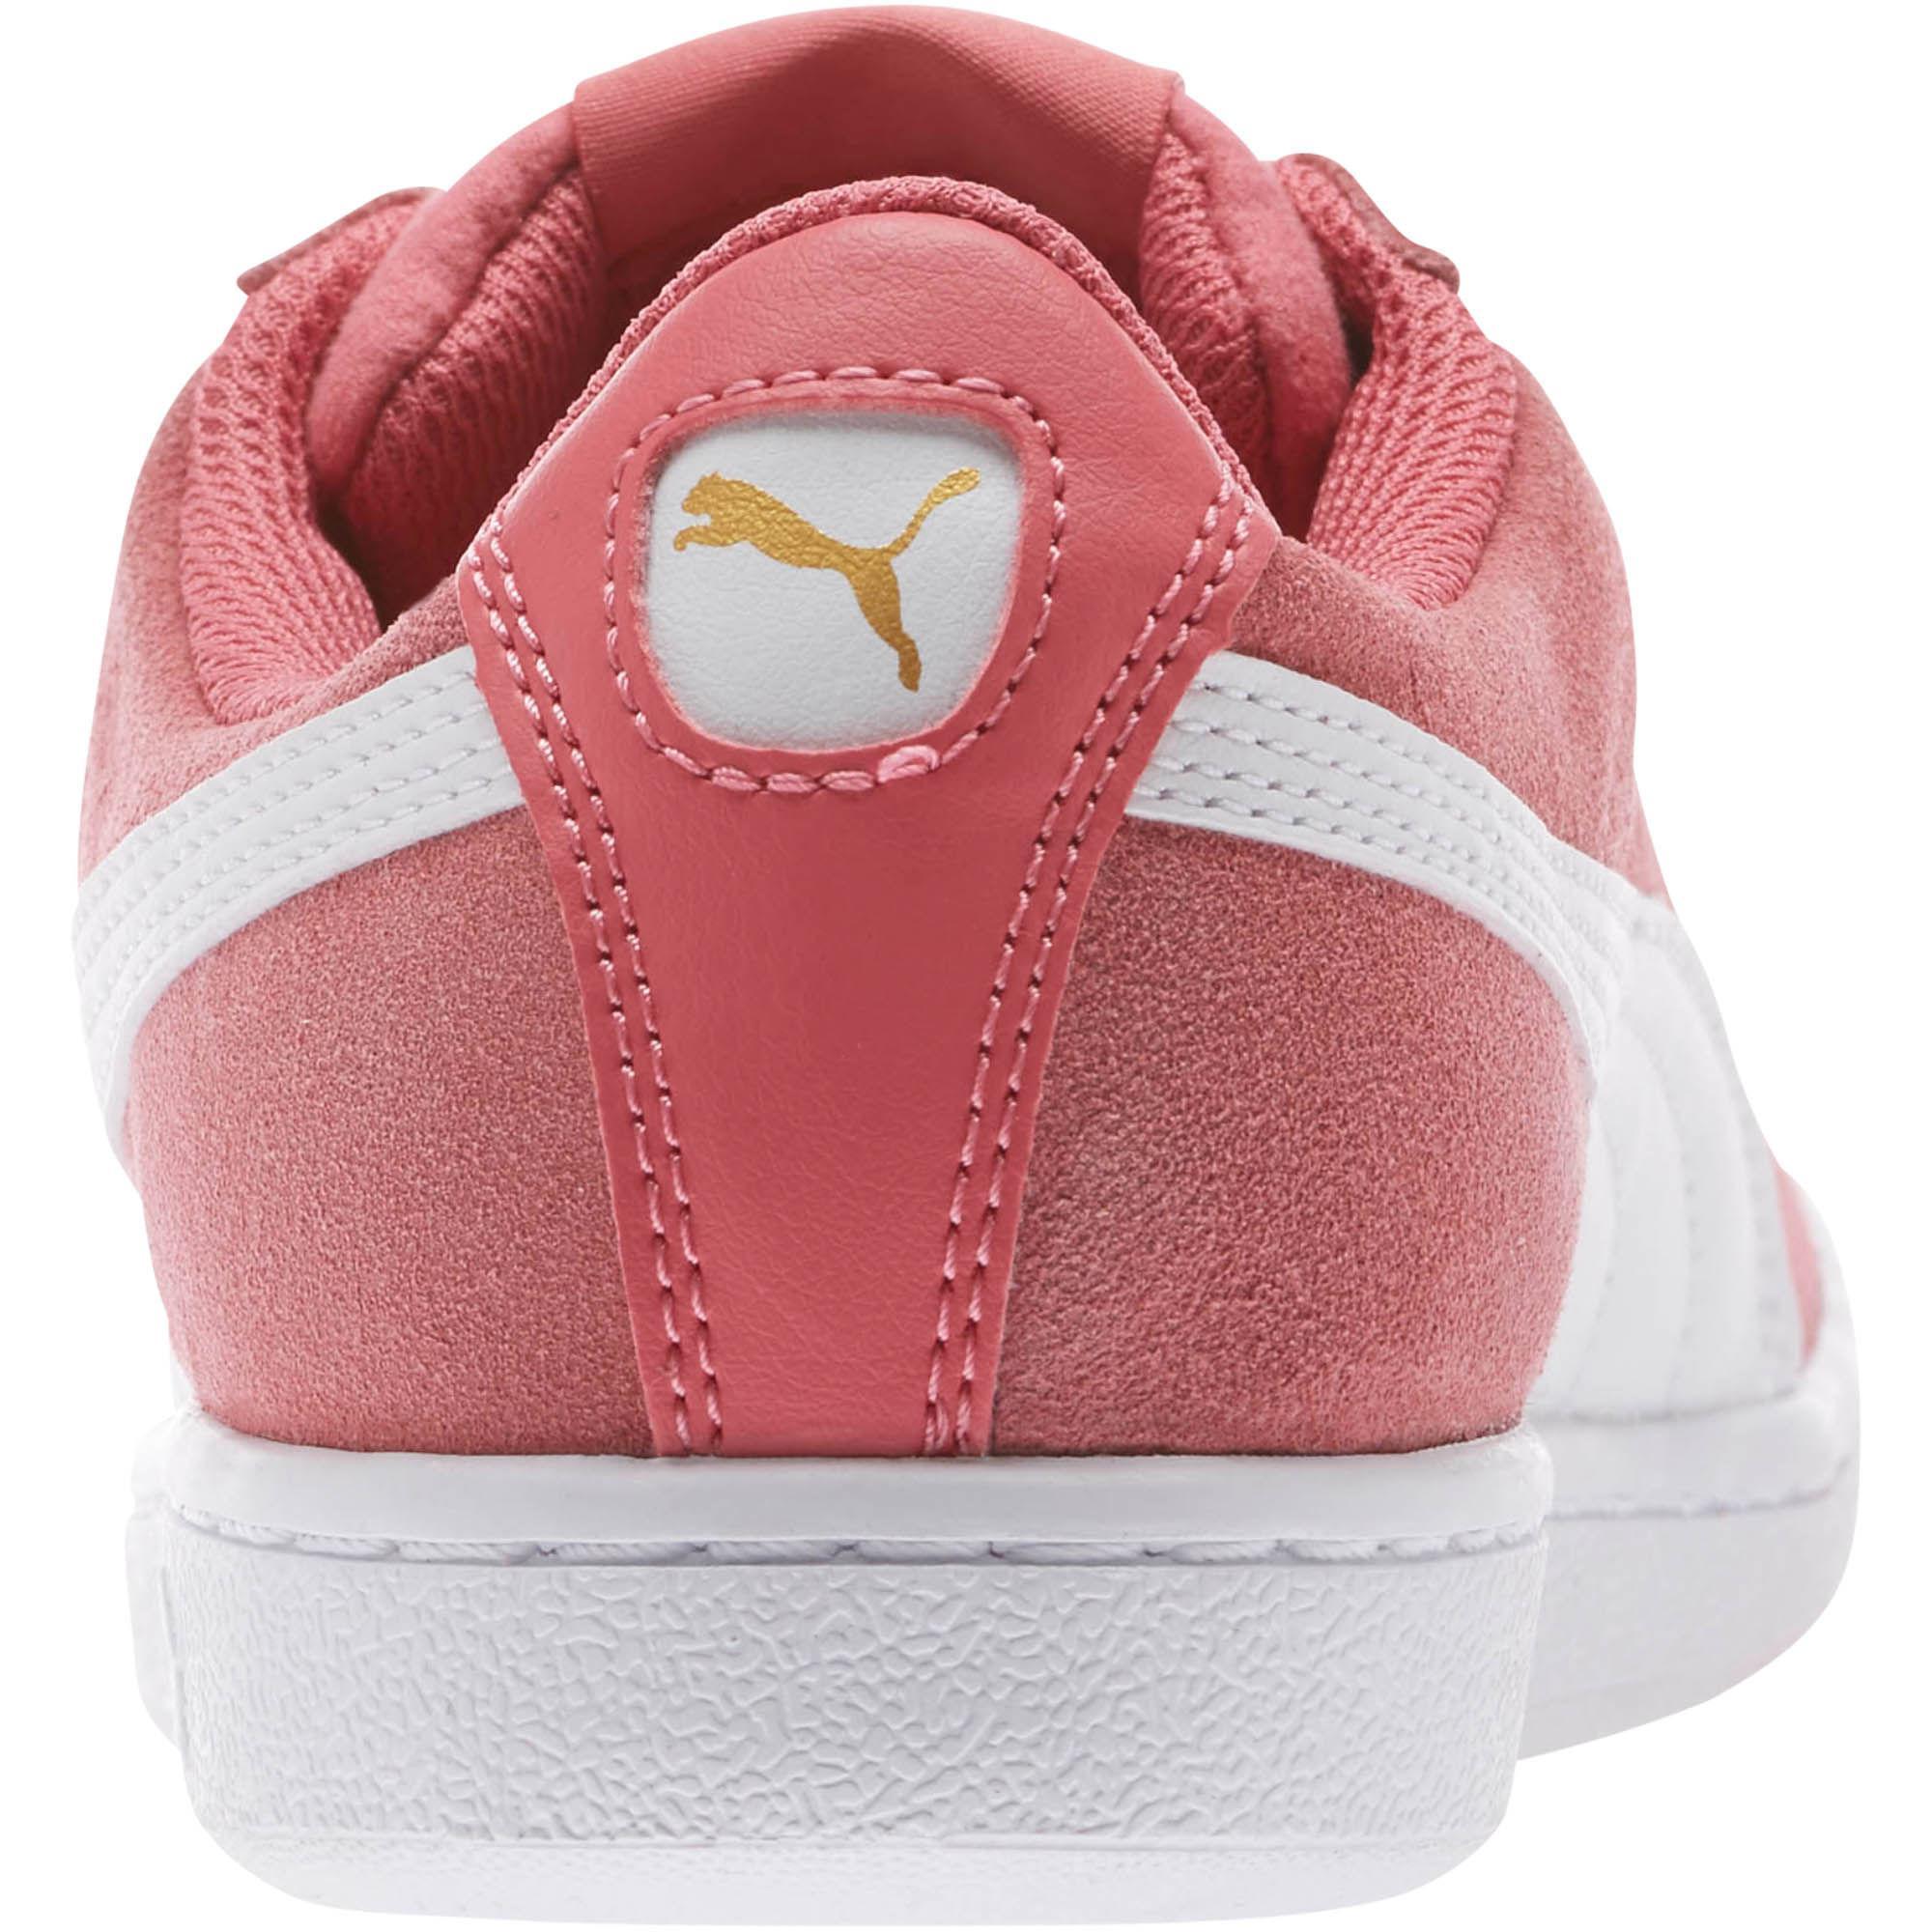 b21d18107ba PUMA Vikky Softfoam Women's Sneakers - Lyst